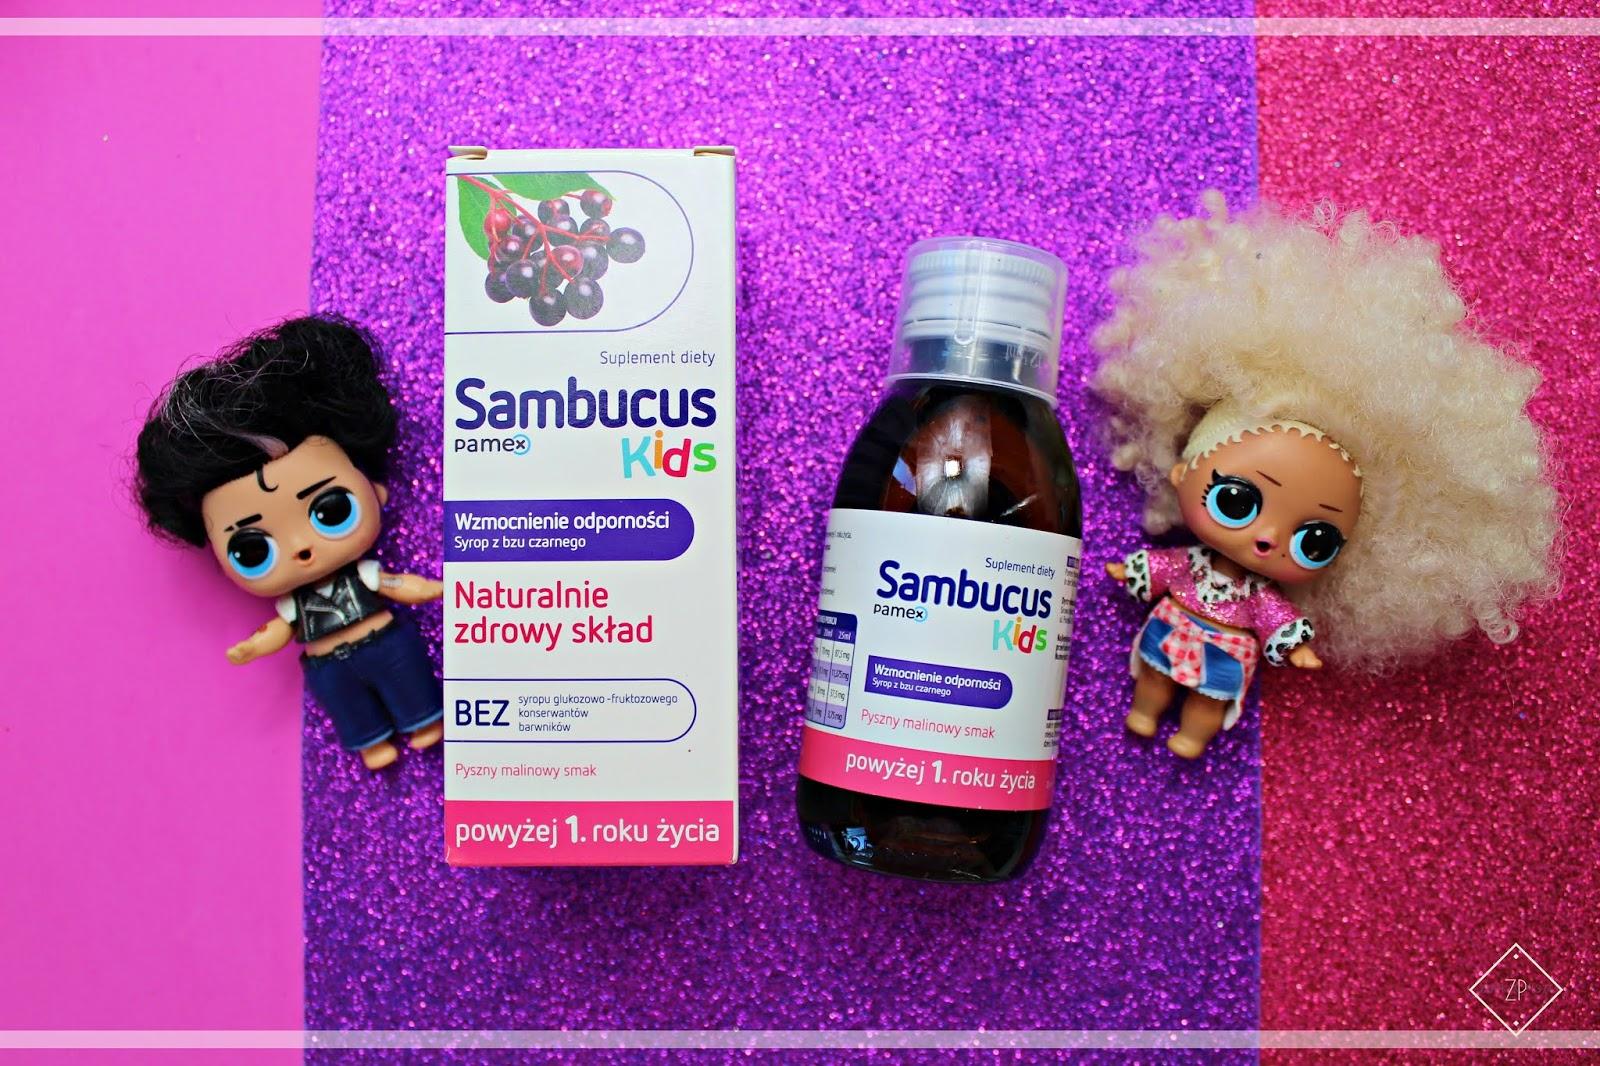 SAMBUCUS KIDS - naturalny syrop z czarnego bzu wspierający odporność dzieci.